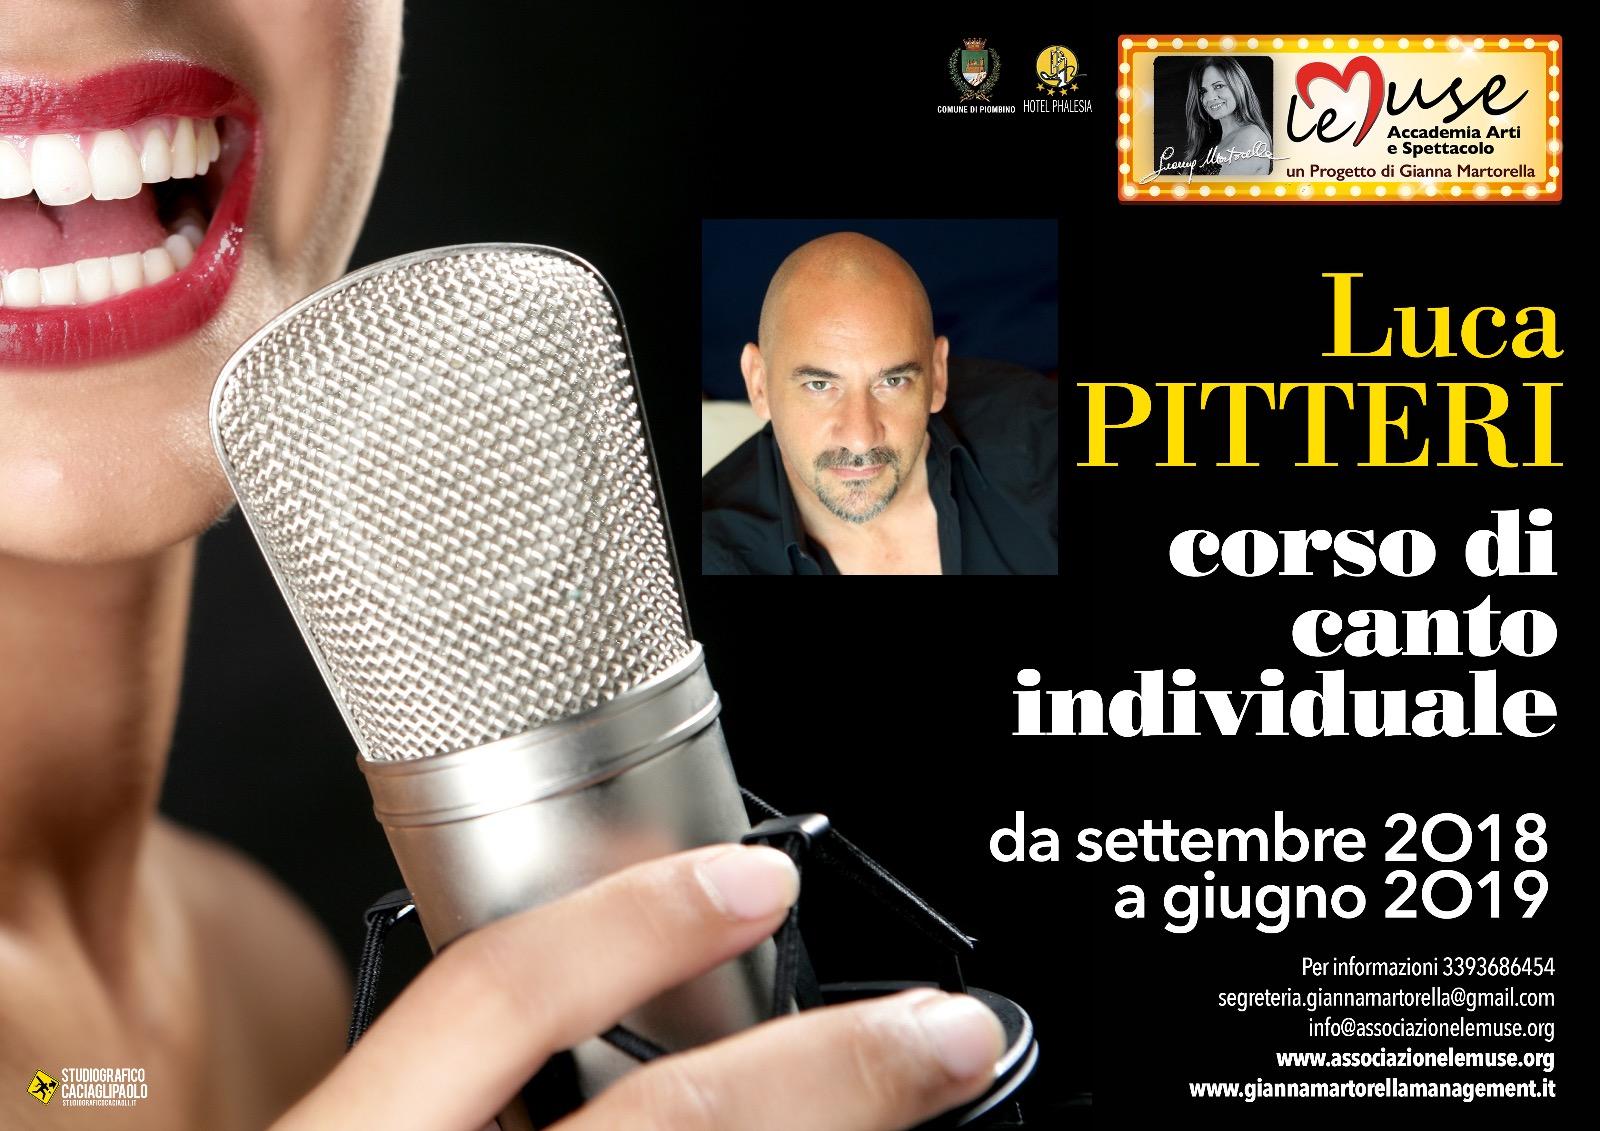 5-pitteri-corso-di-canto-avanzato-locandina-201819